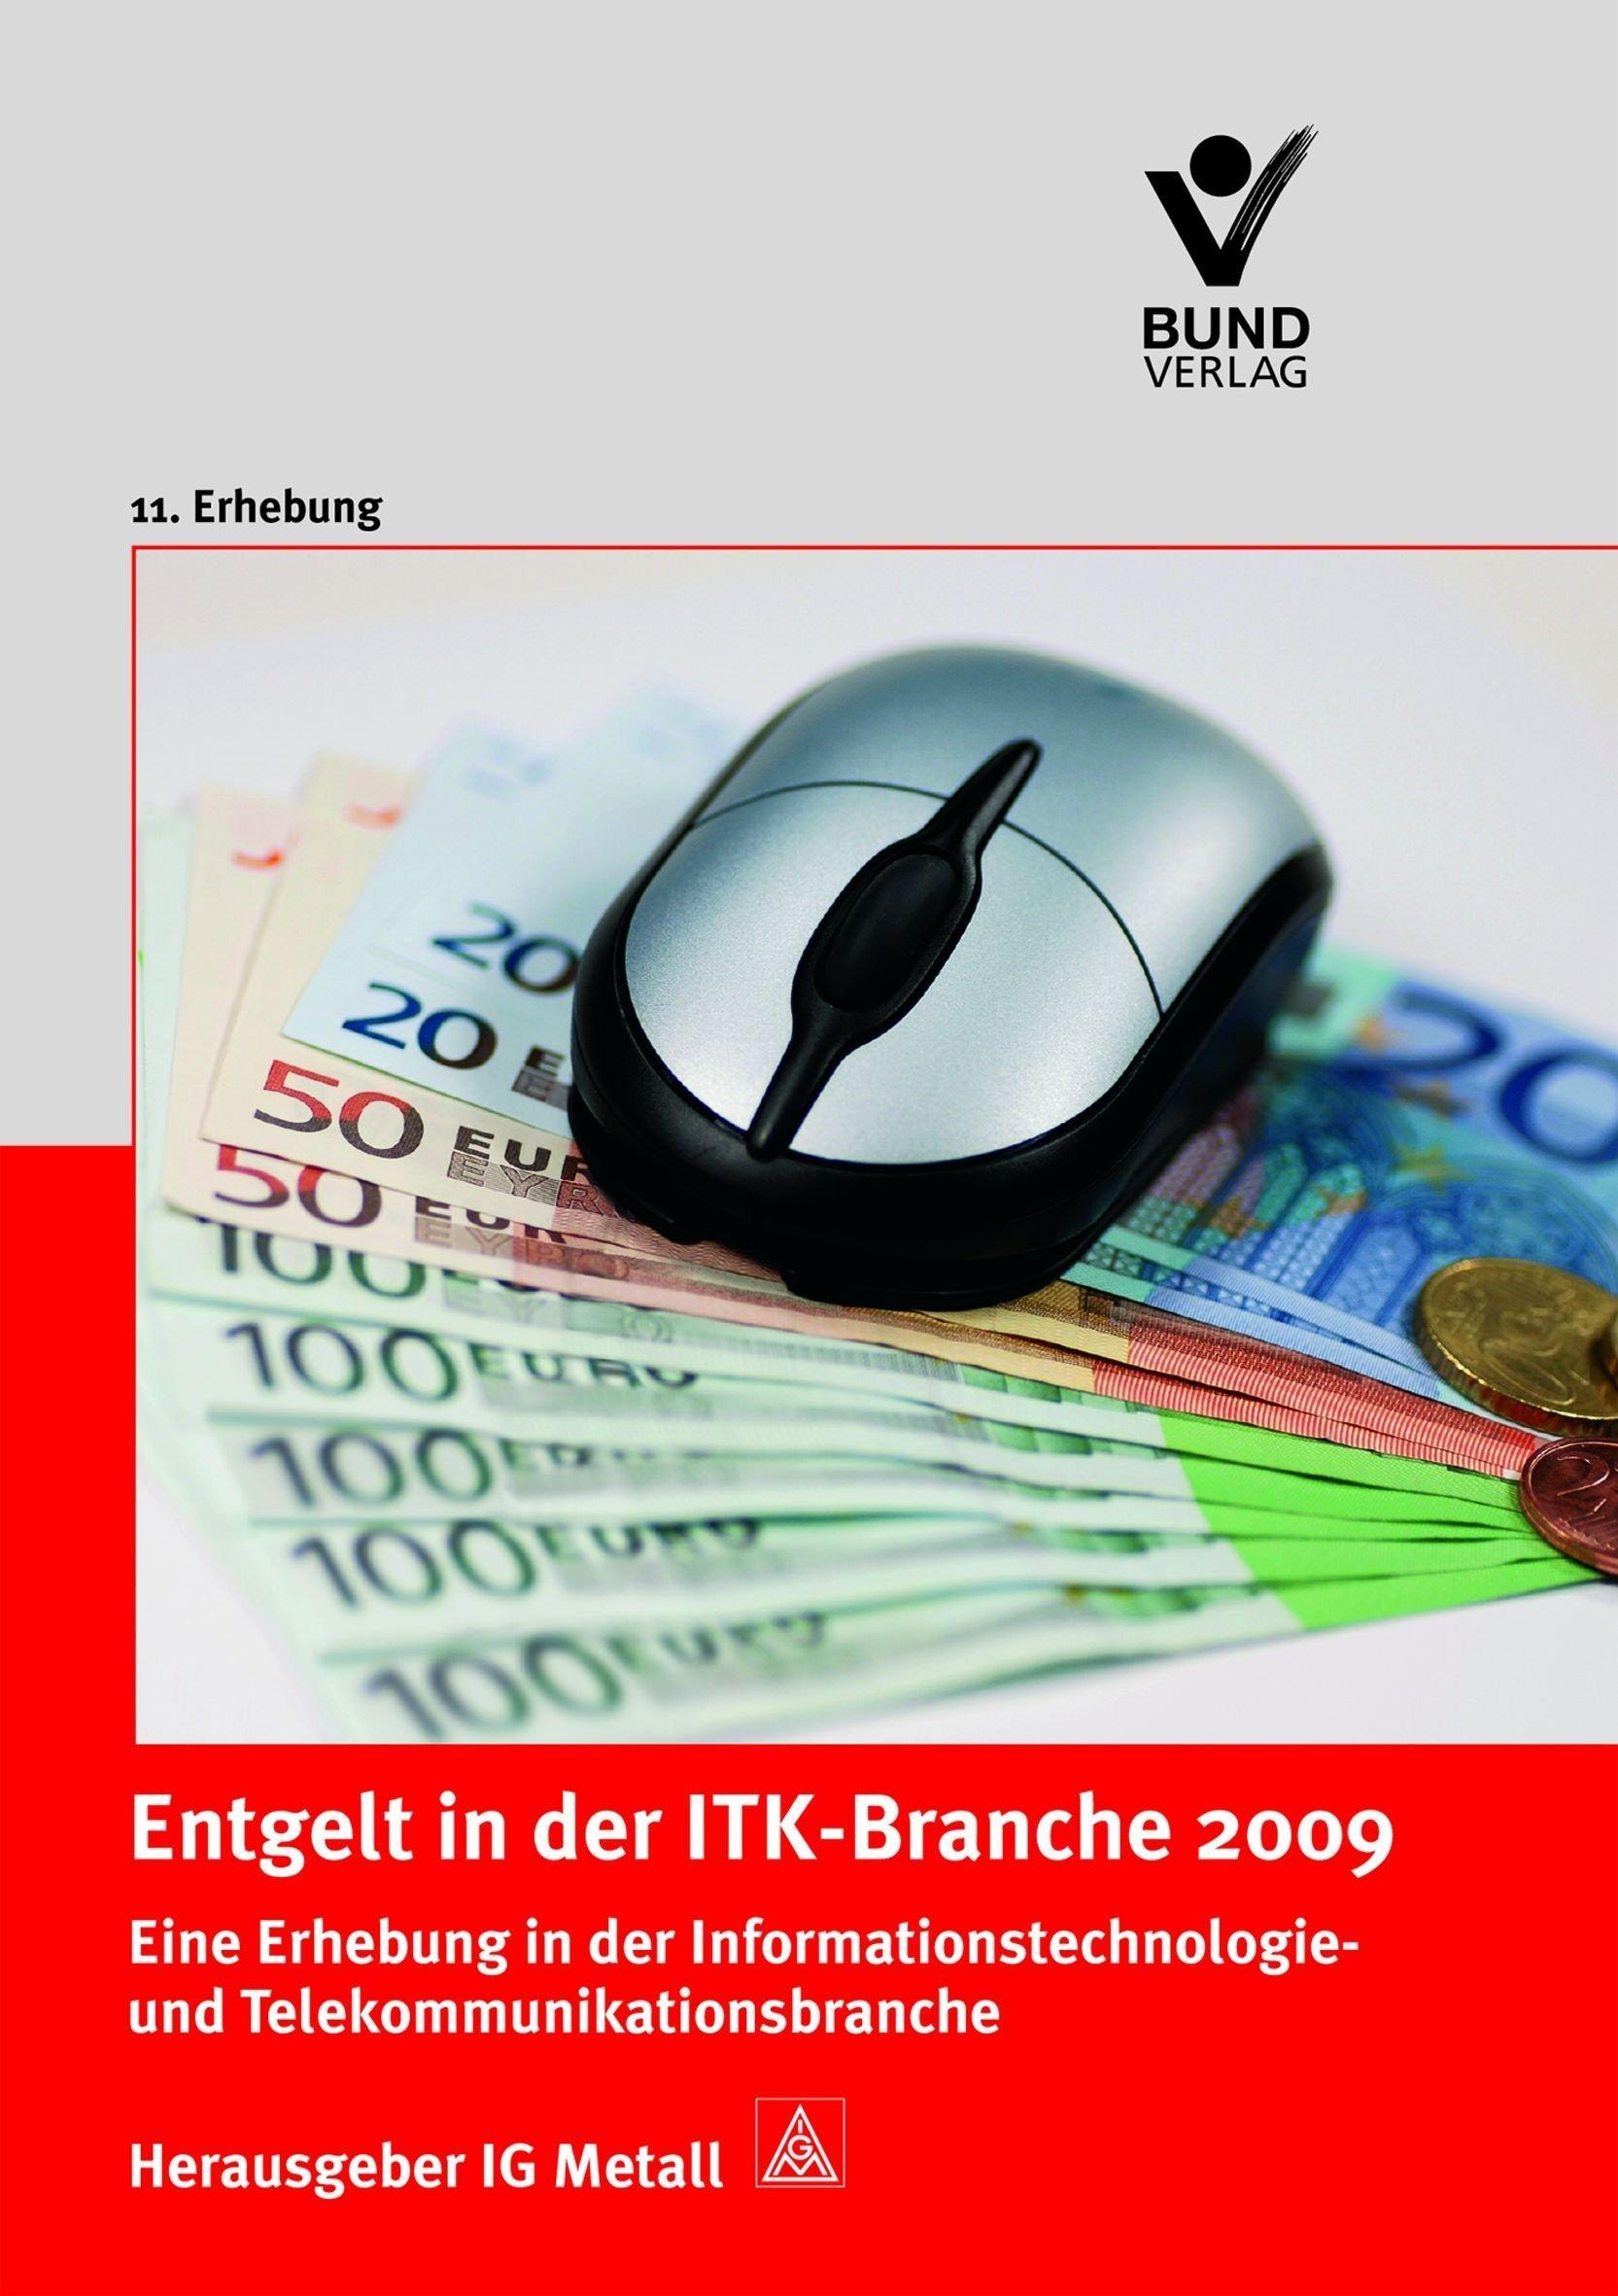 Entgelt in der ITK-Branche 2009: Eine Erhebung in der Informationstechnologie- und Telekommunikationsbranche